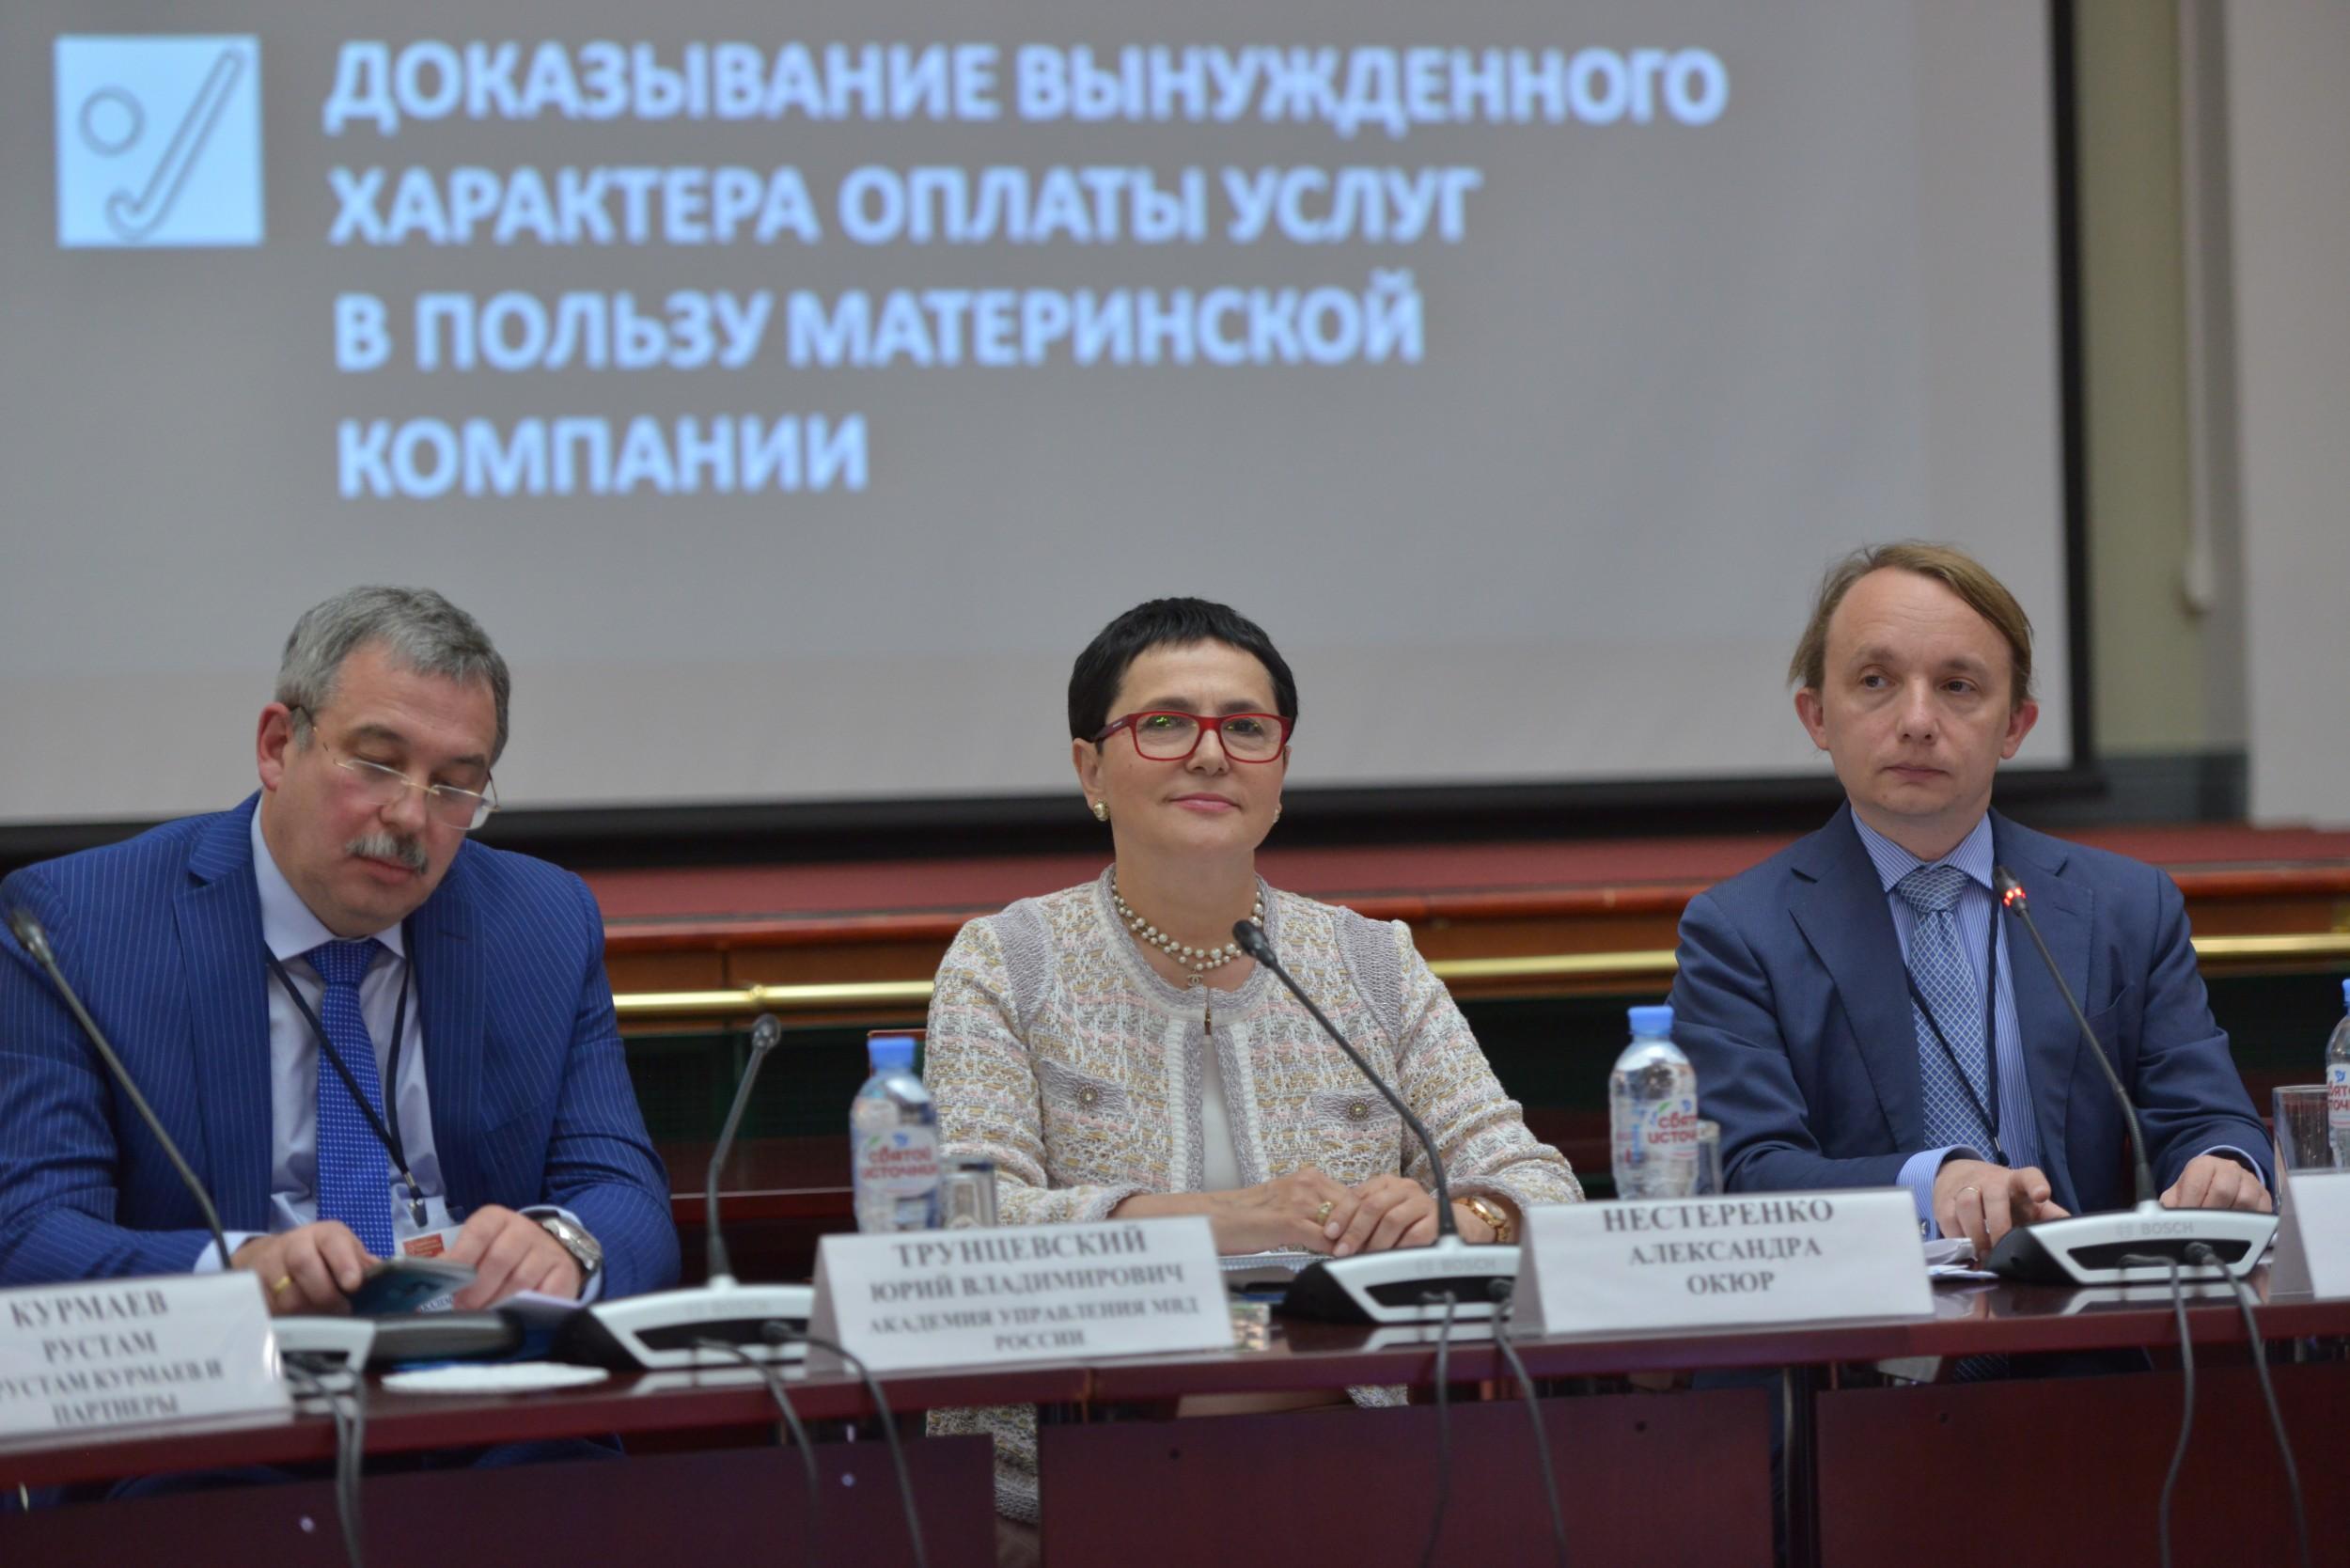 Практическая конференция ОКЮР